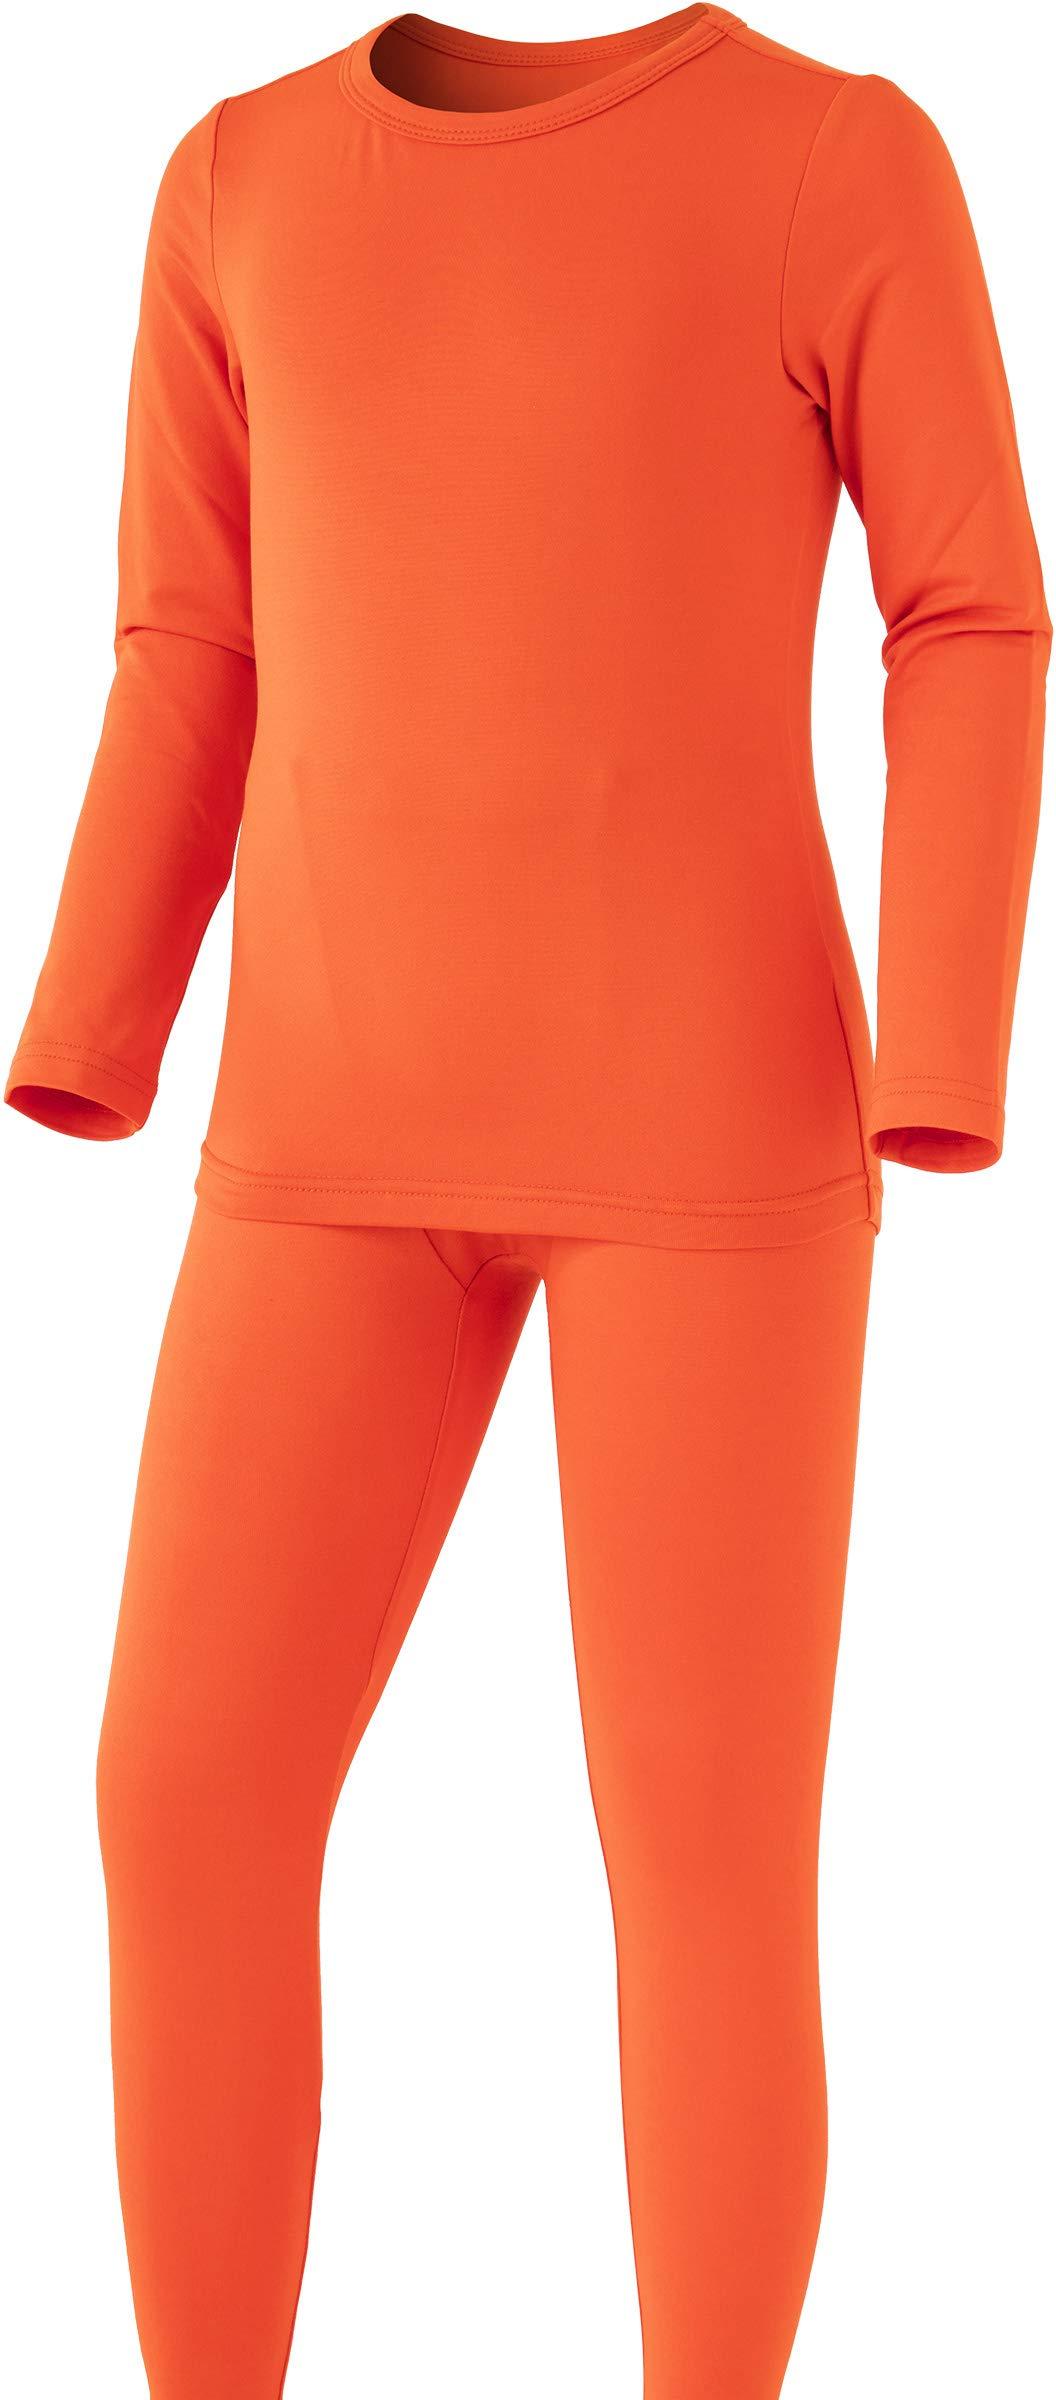 TSLA Boy's Microfiber Soft Fleece Lined Warm Thermal Top & Bottom Set, Boy Set(khs300) - Orange, Large (Height 5ft1in - 5ft5in) by TSLA